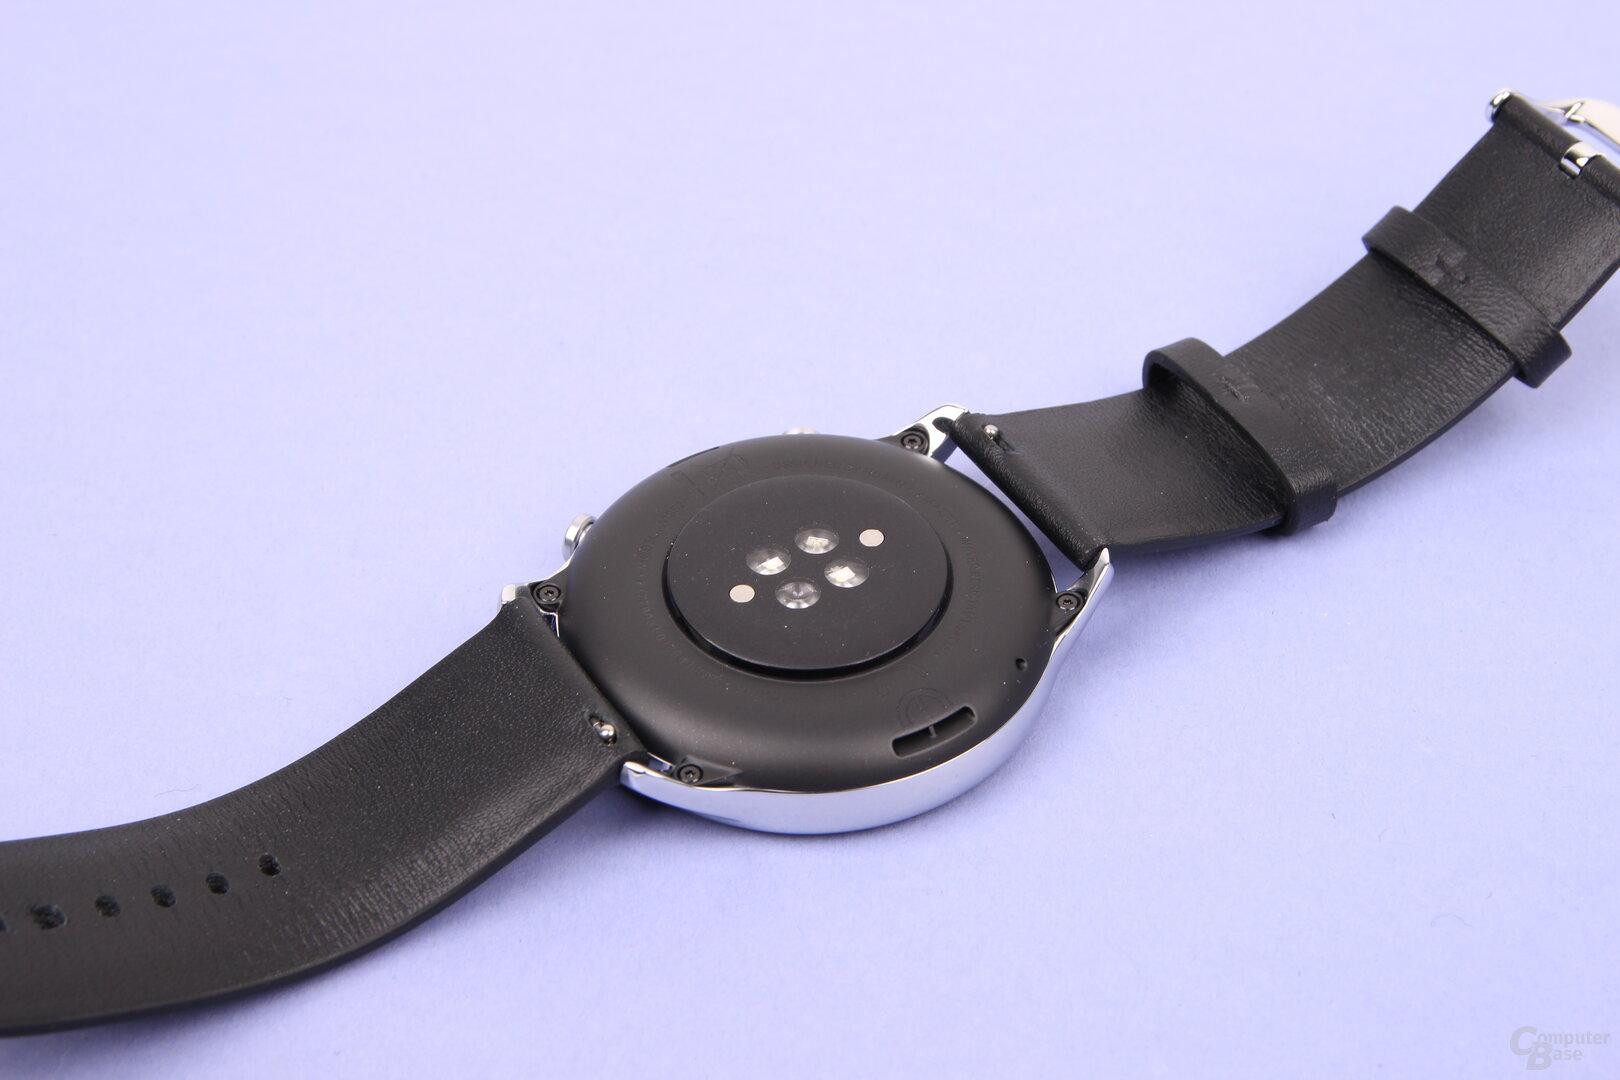 Amazfit GTR 2: Das Armband lässt sich leicht wechseln